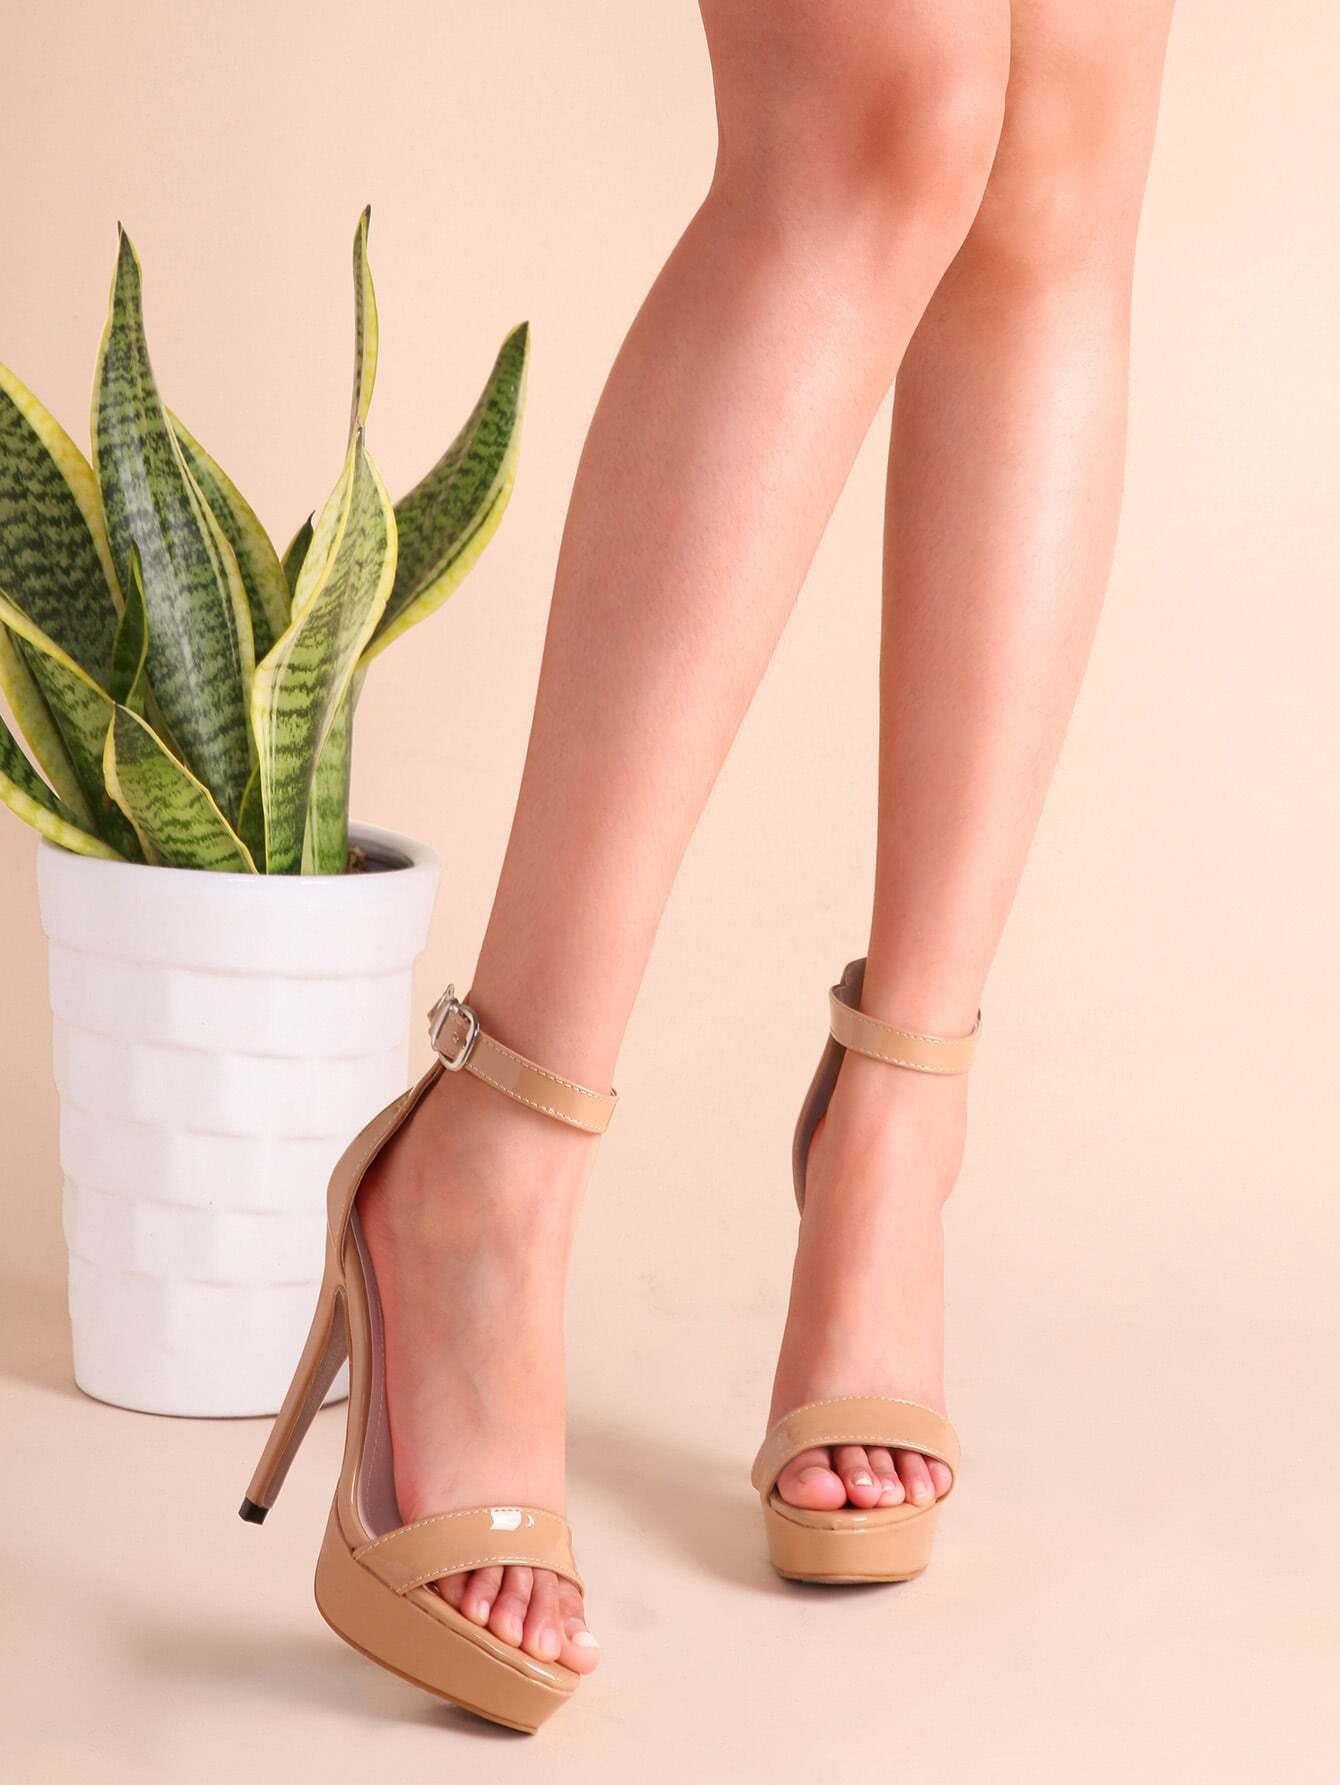 shoes161215805_2